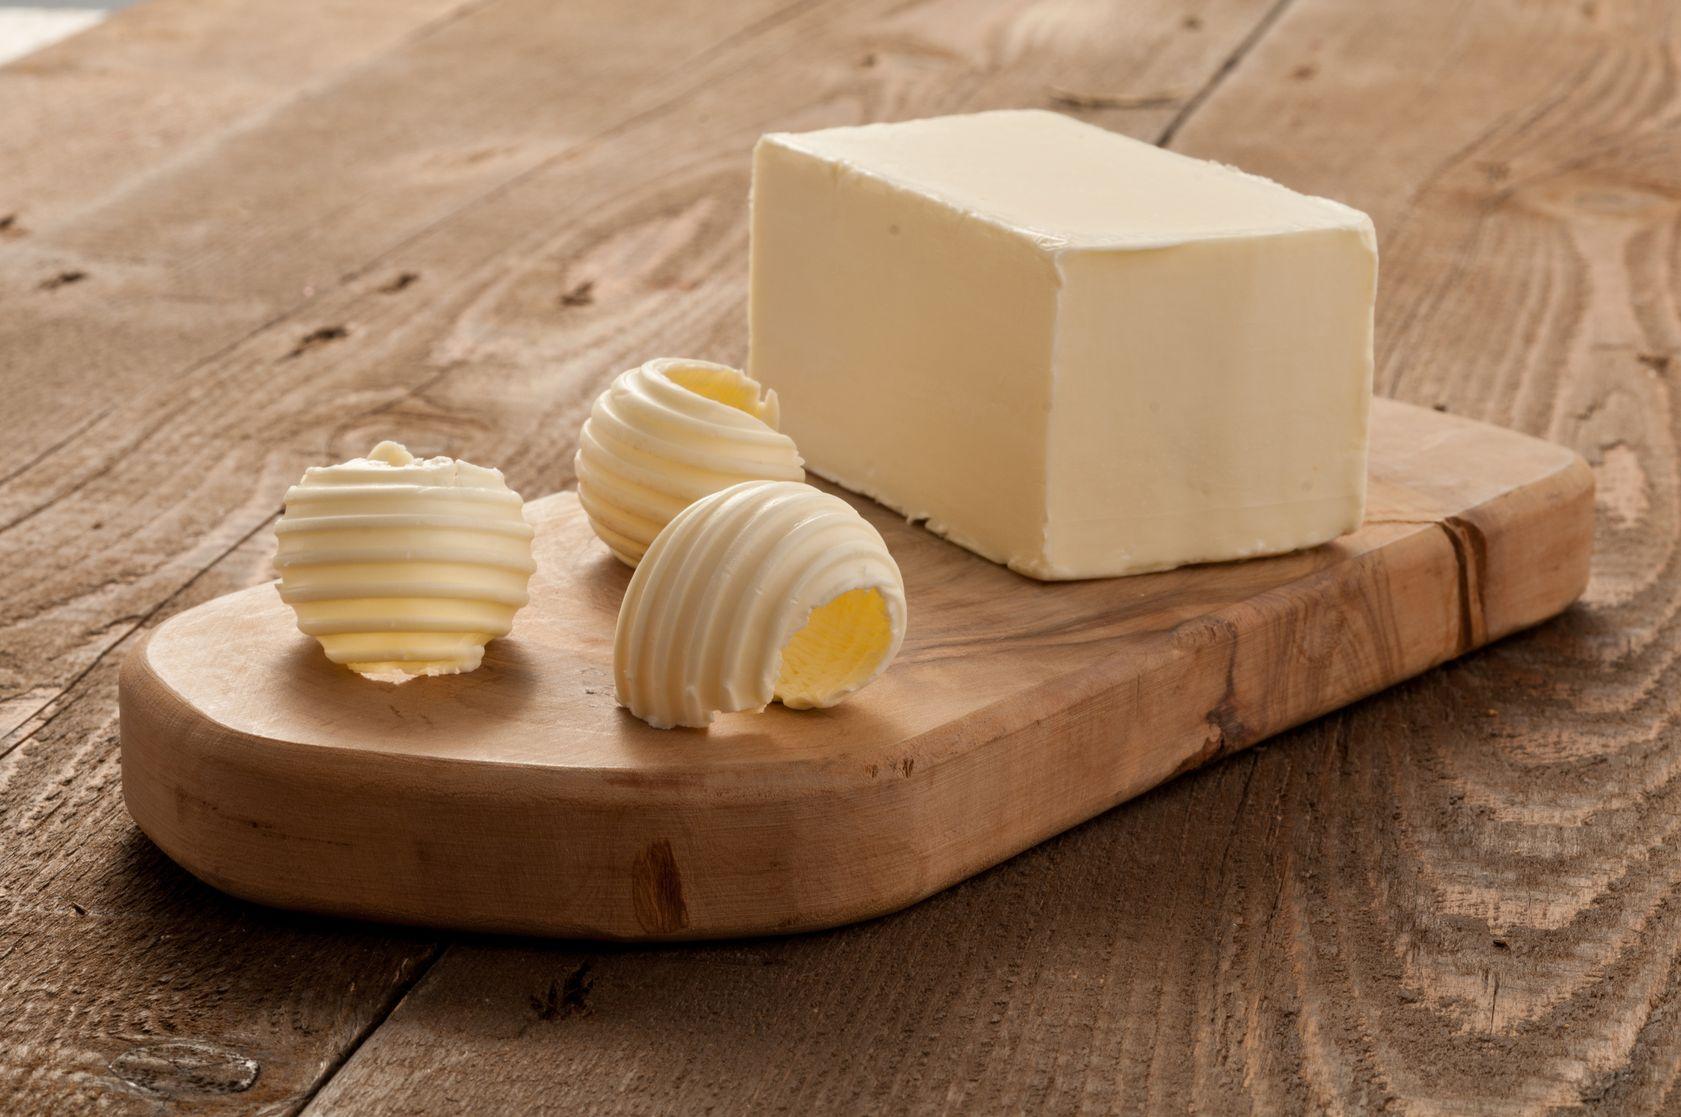 Cucinare con il burro ecco 5 cose da sapere - Cose semplici da cucinare ...